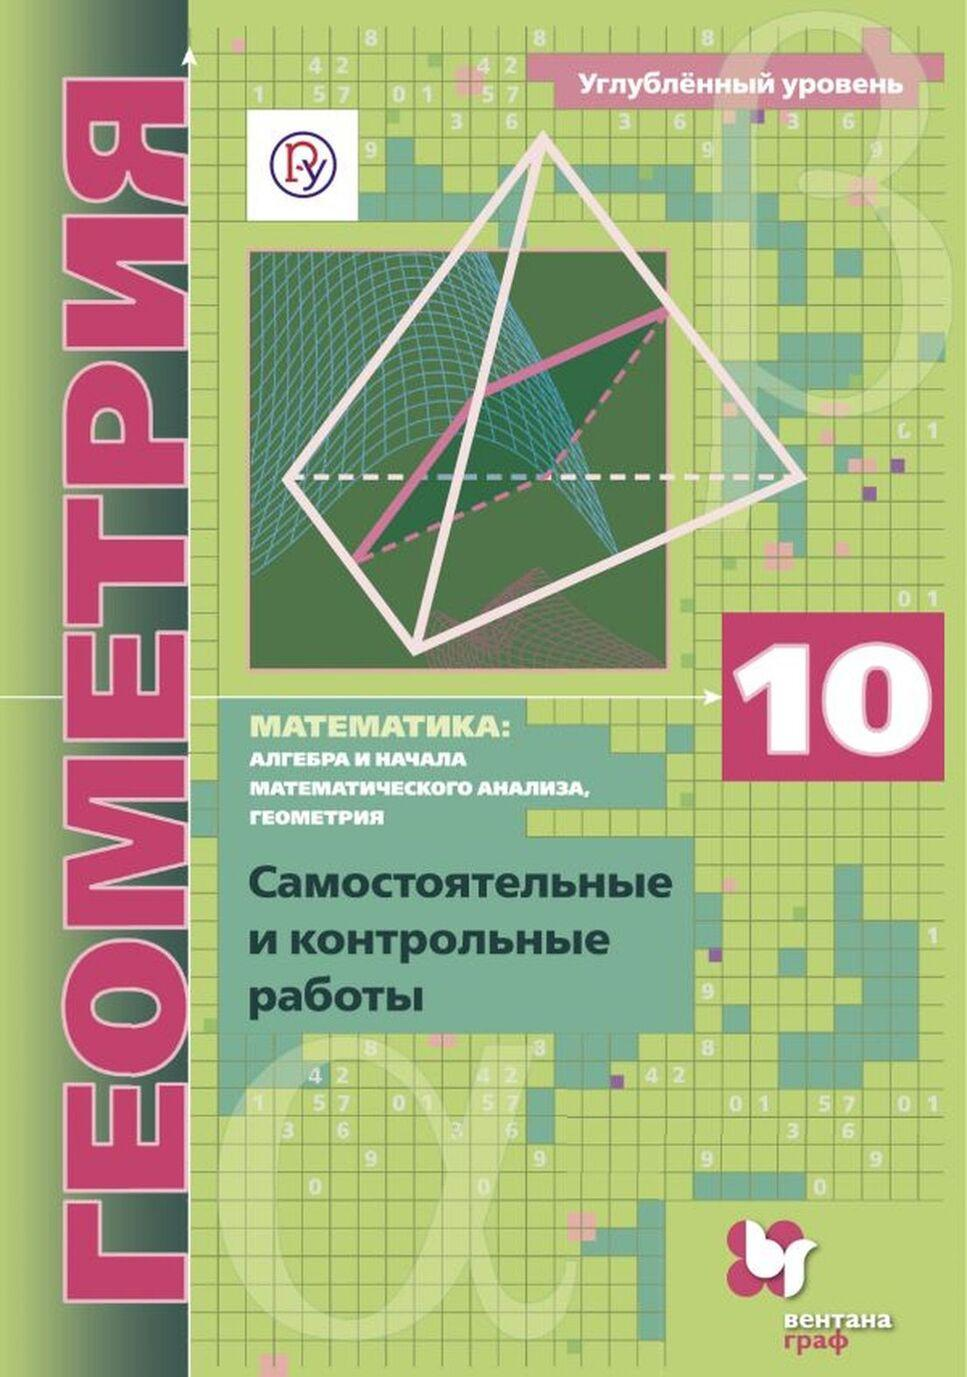 Geometrija. 10 klass. Samostojatelnye i kontrolnye raboty | Rabinovich Efim Mikhajlovich, Polonskij Vitalij Borisovich